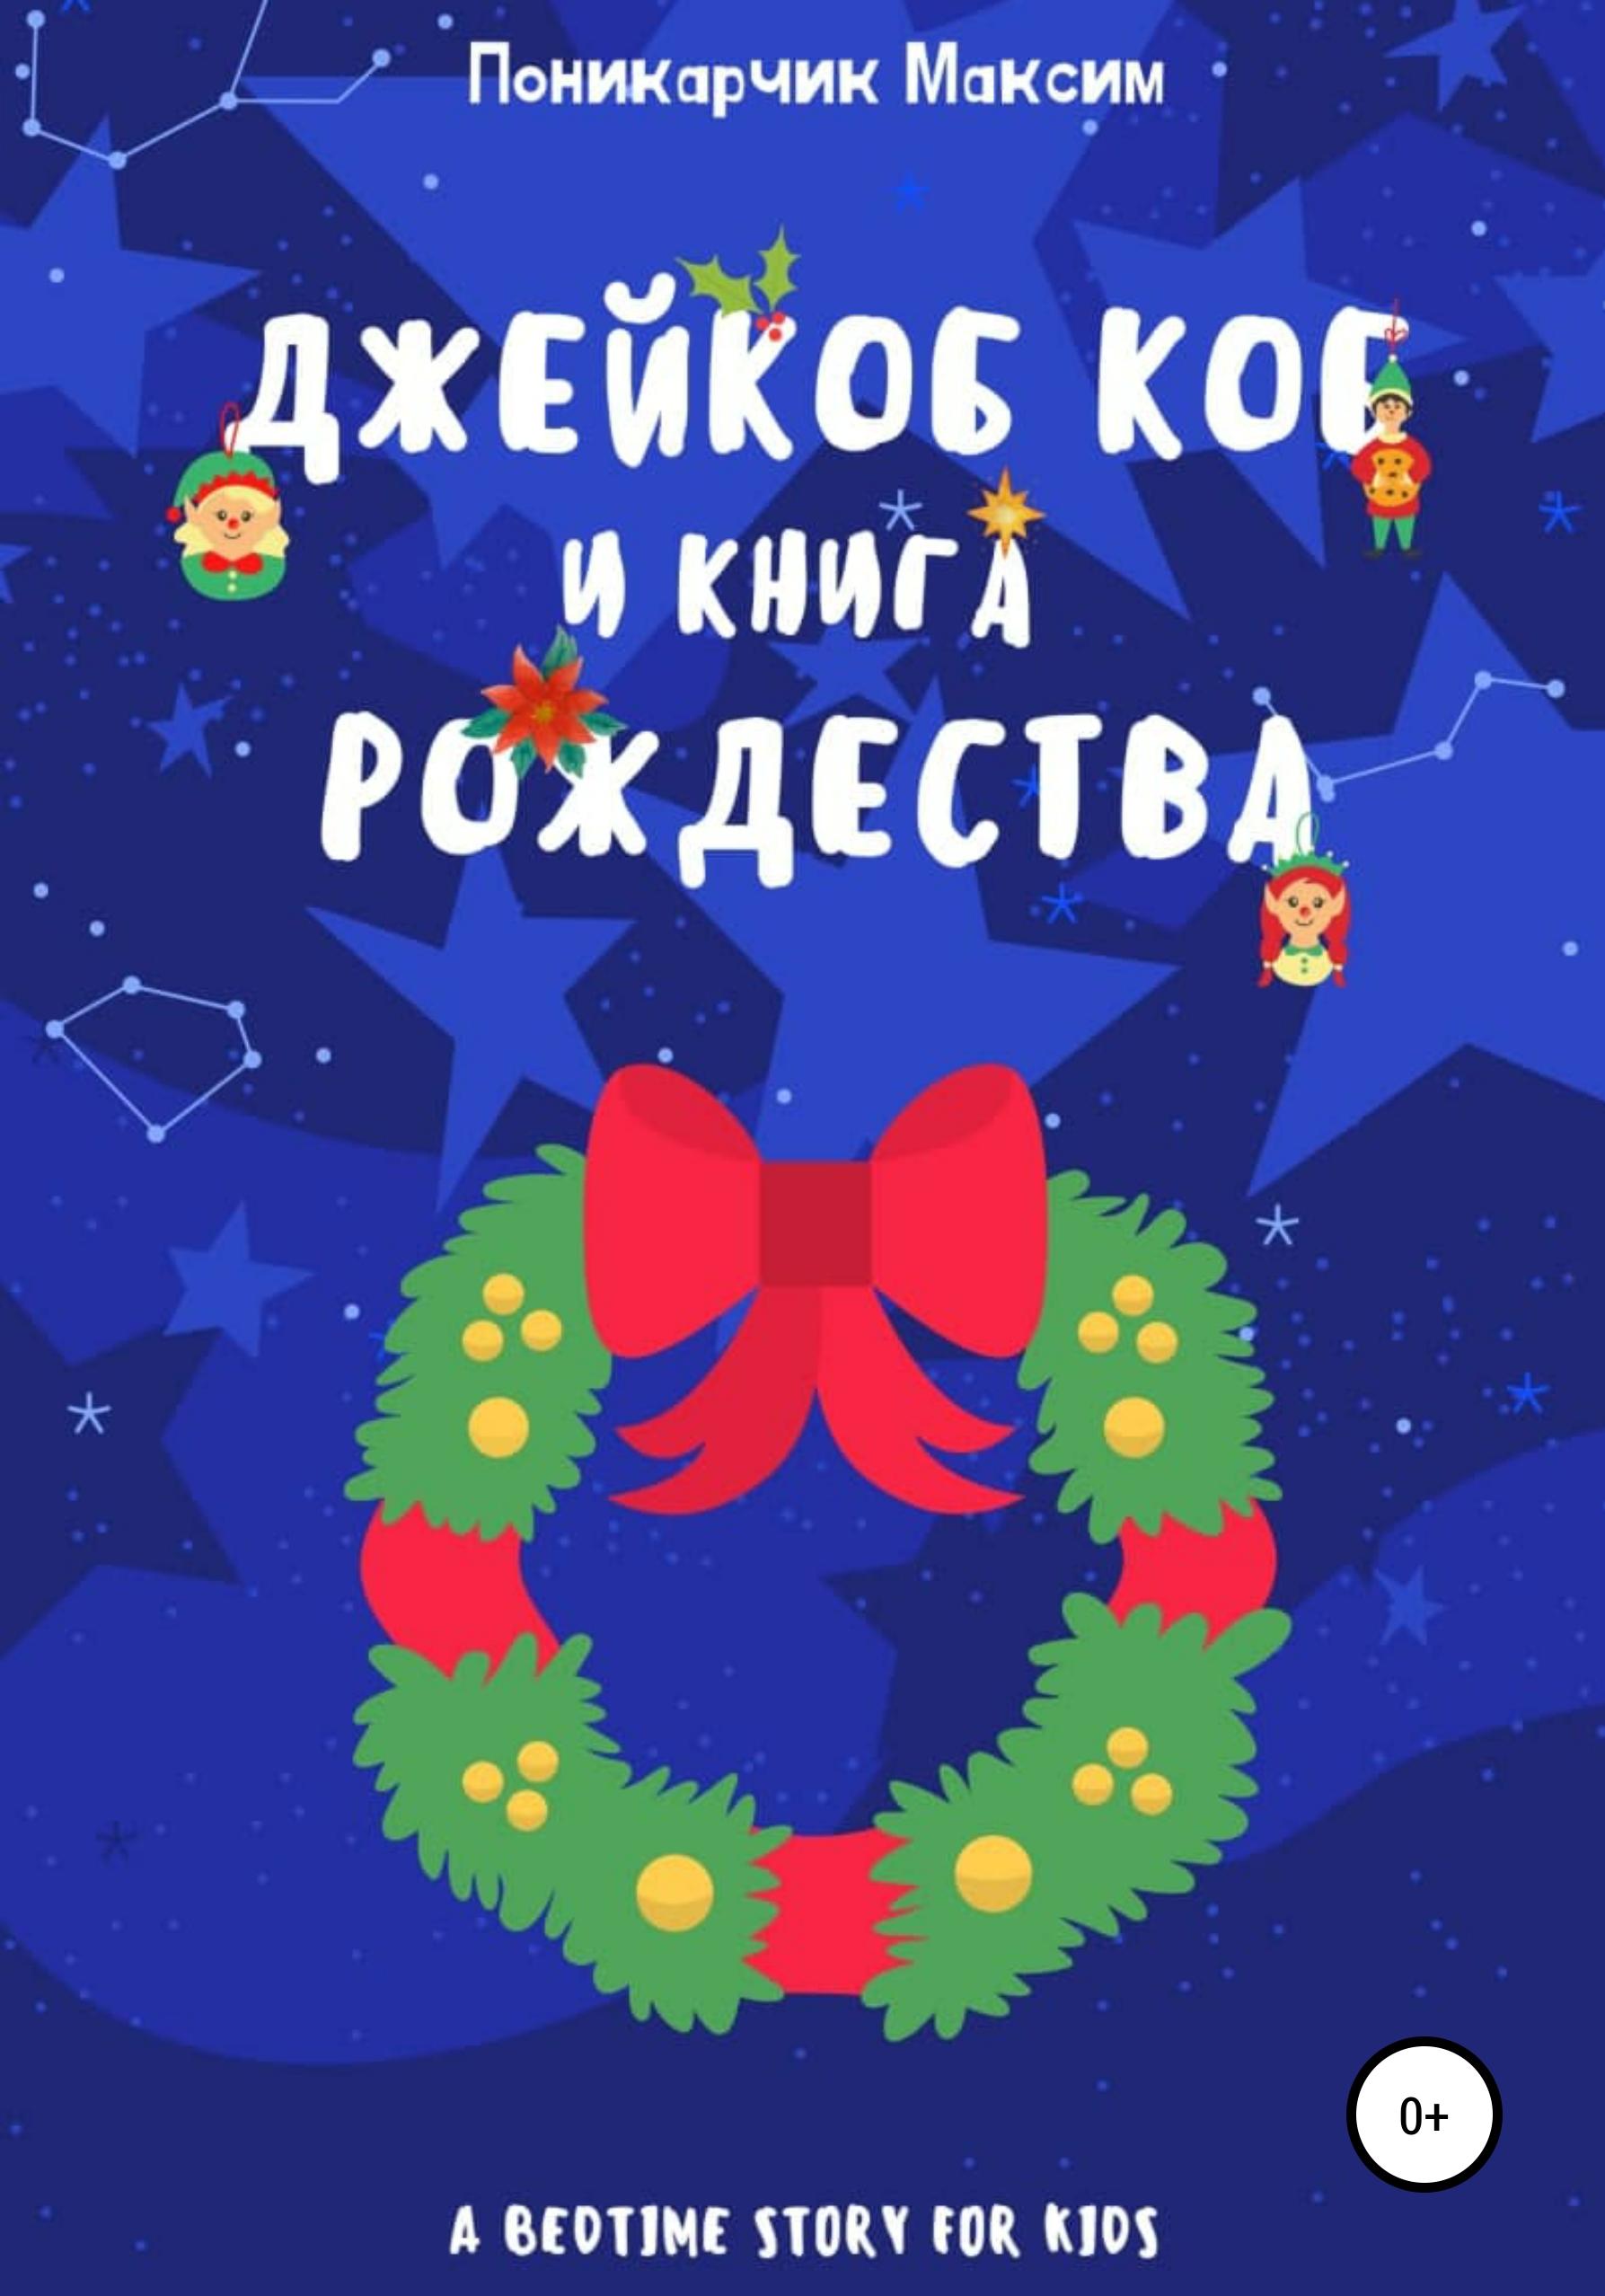 Максим Поникарчик - Джейкоб Коб и Книга Рождества